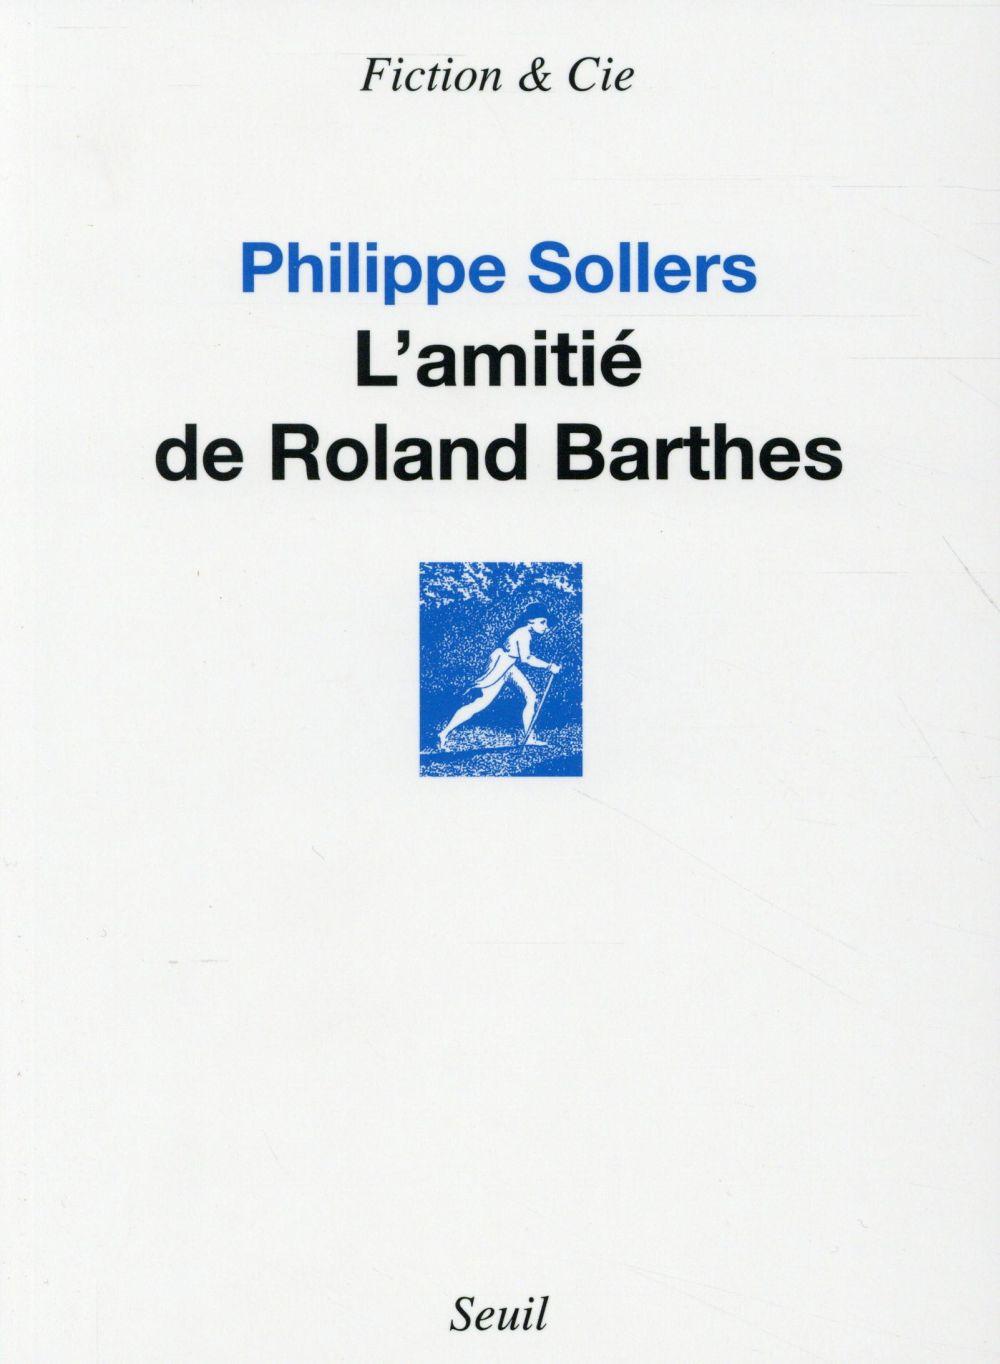 L'AMITIE DE ROLAND BARTHES